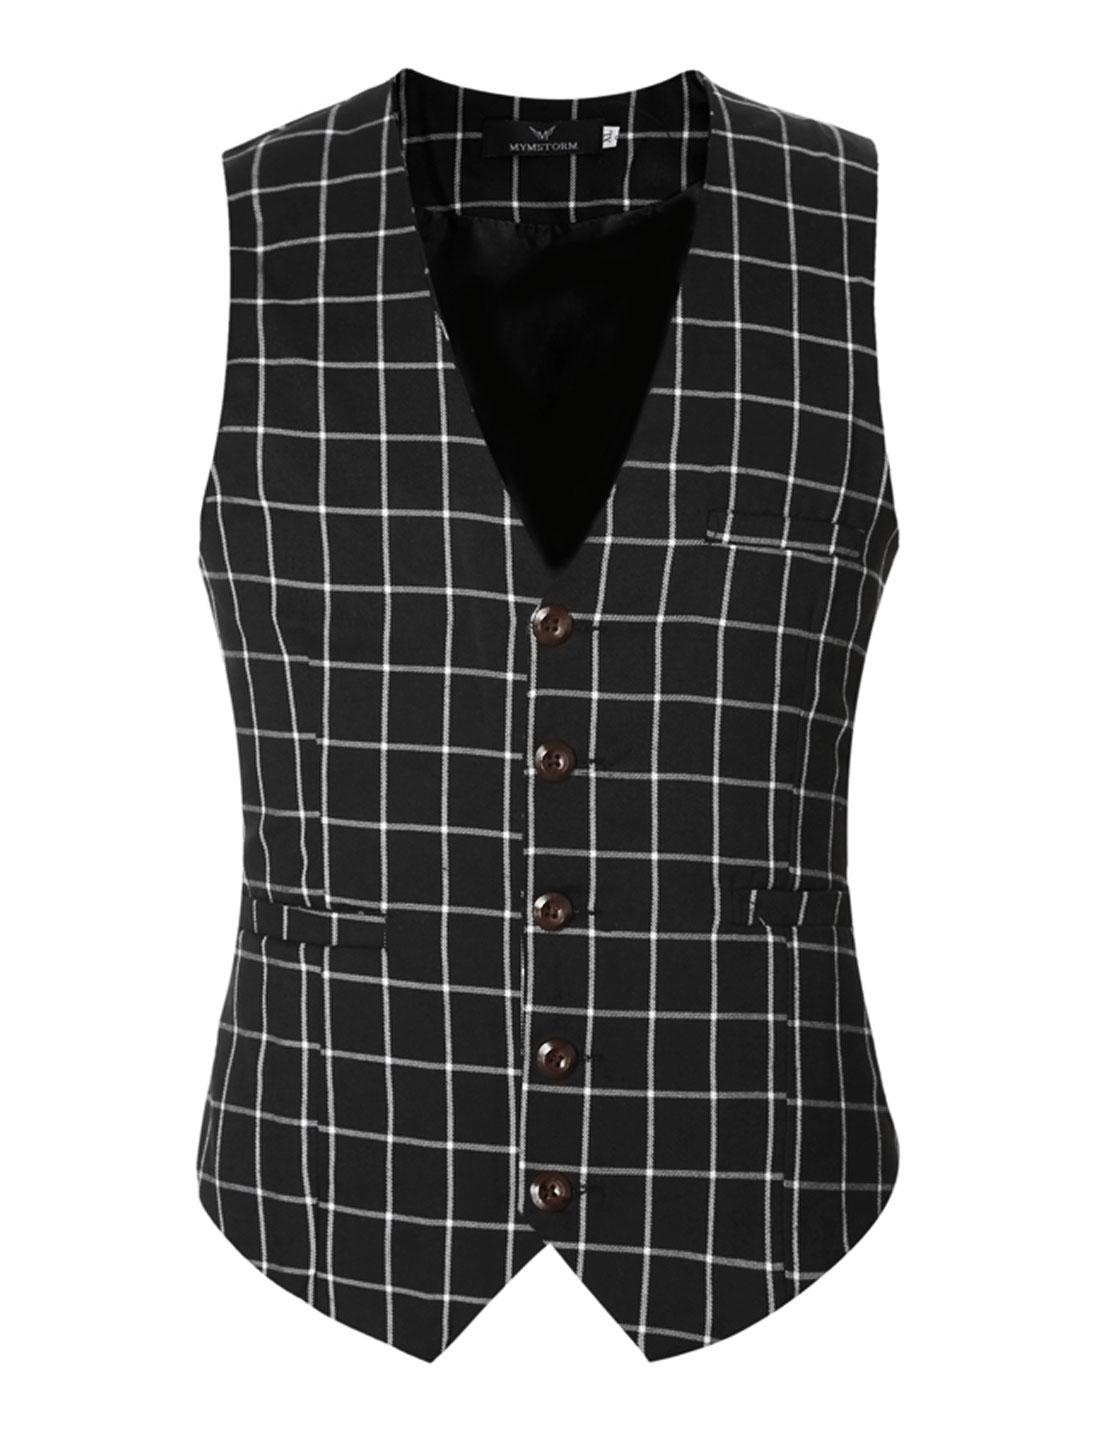 Men V Neck Checks Adjustable Buckle Back Slim Fit Vest Black S